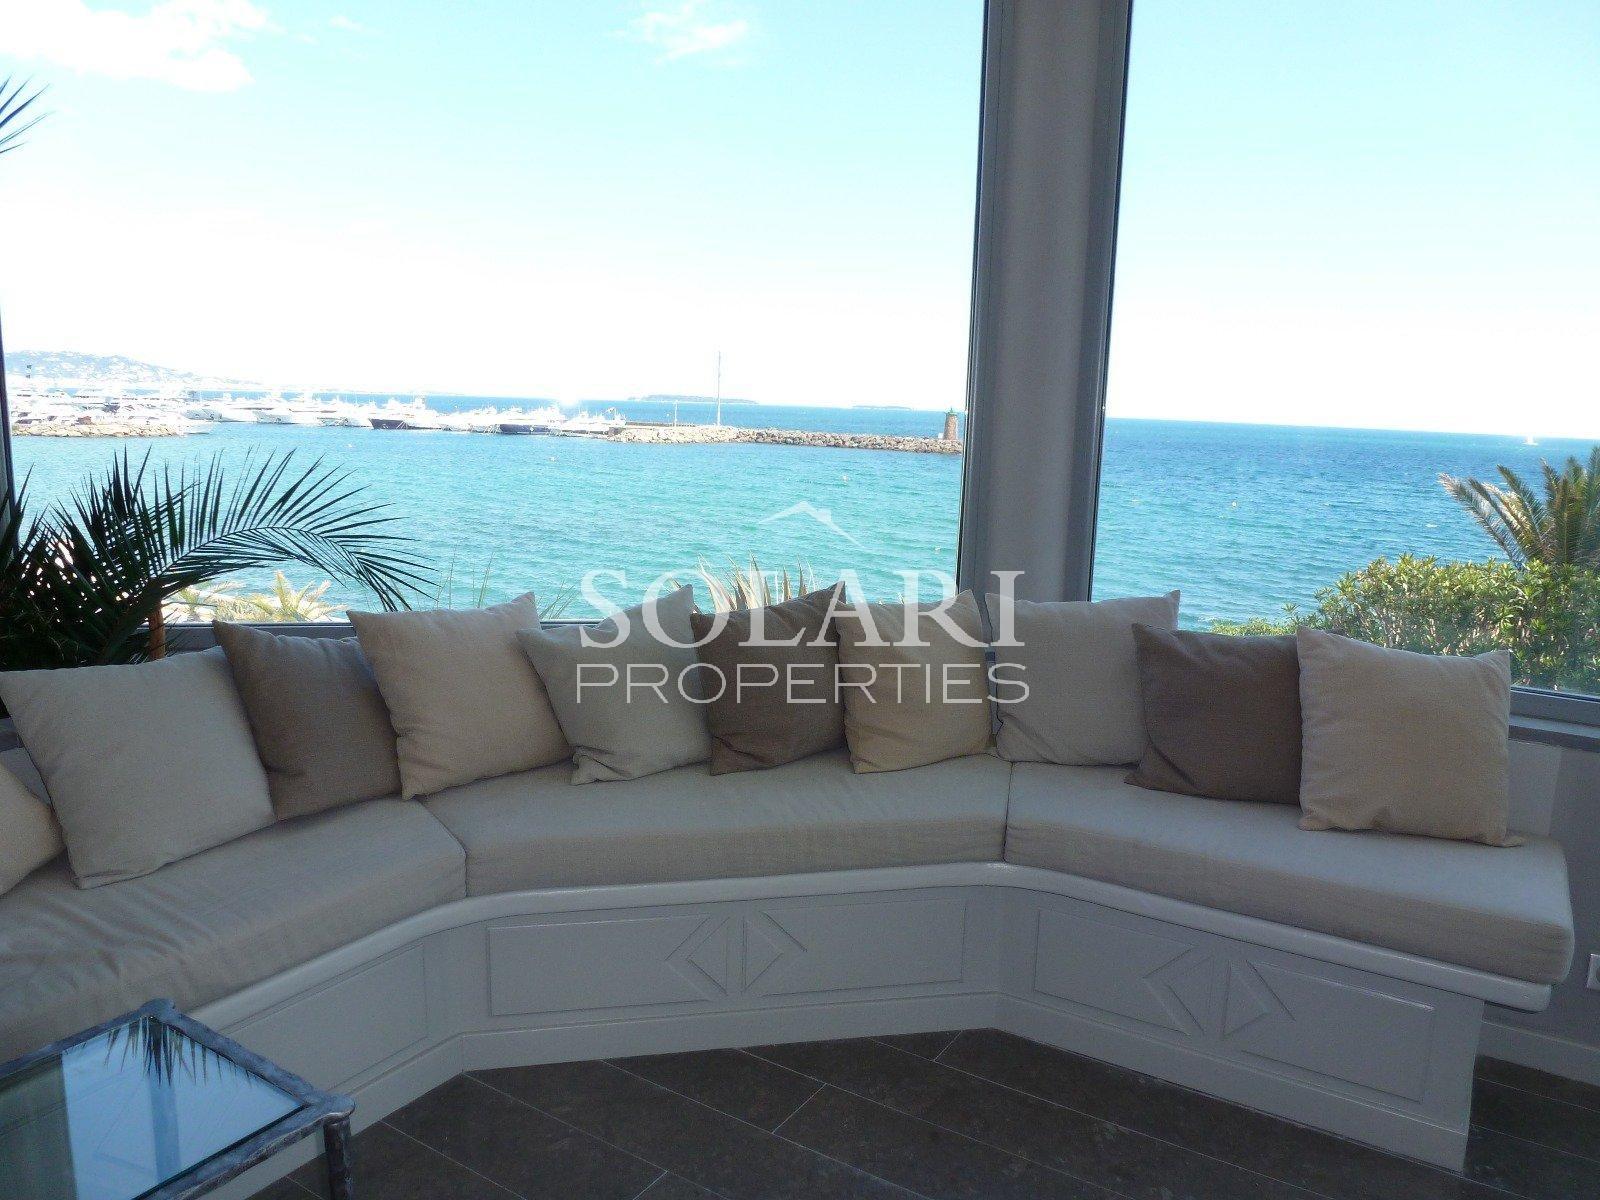 Mandelieu Magnifique villa pieds dans l'eau, très belle vue mer